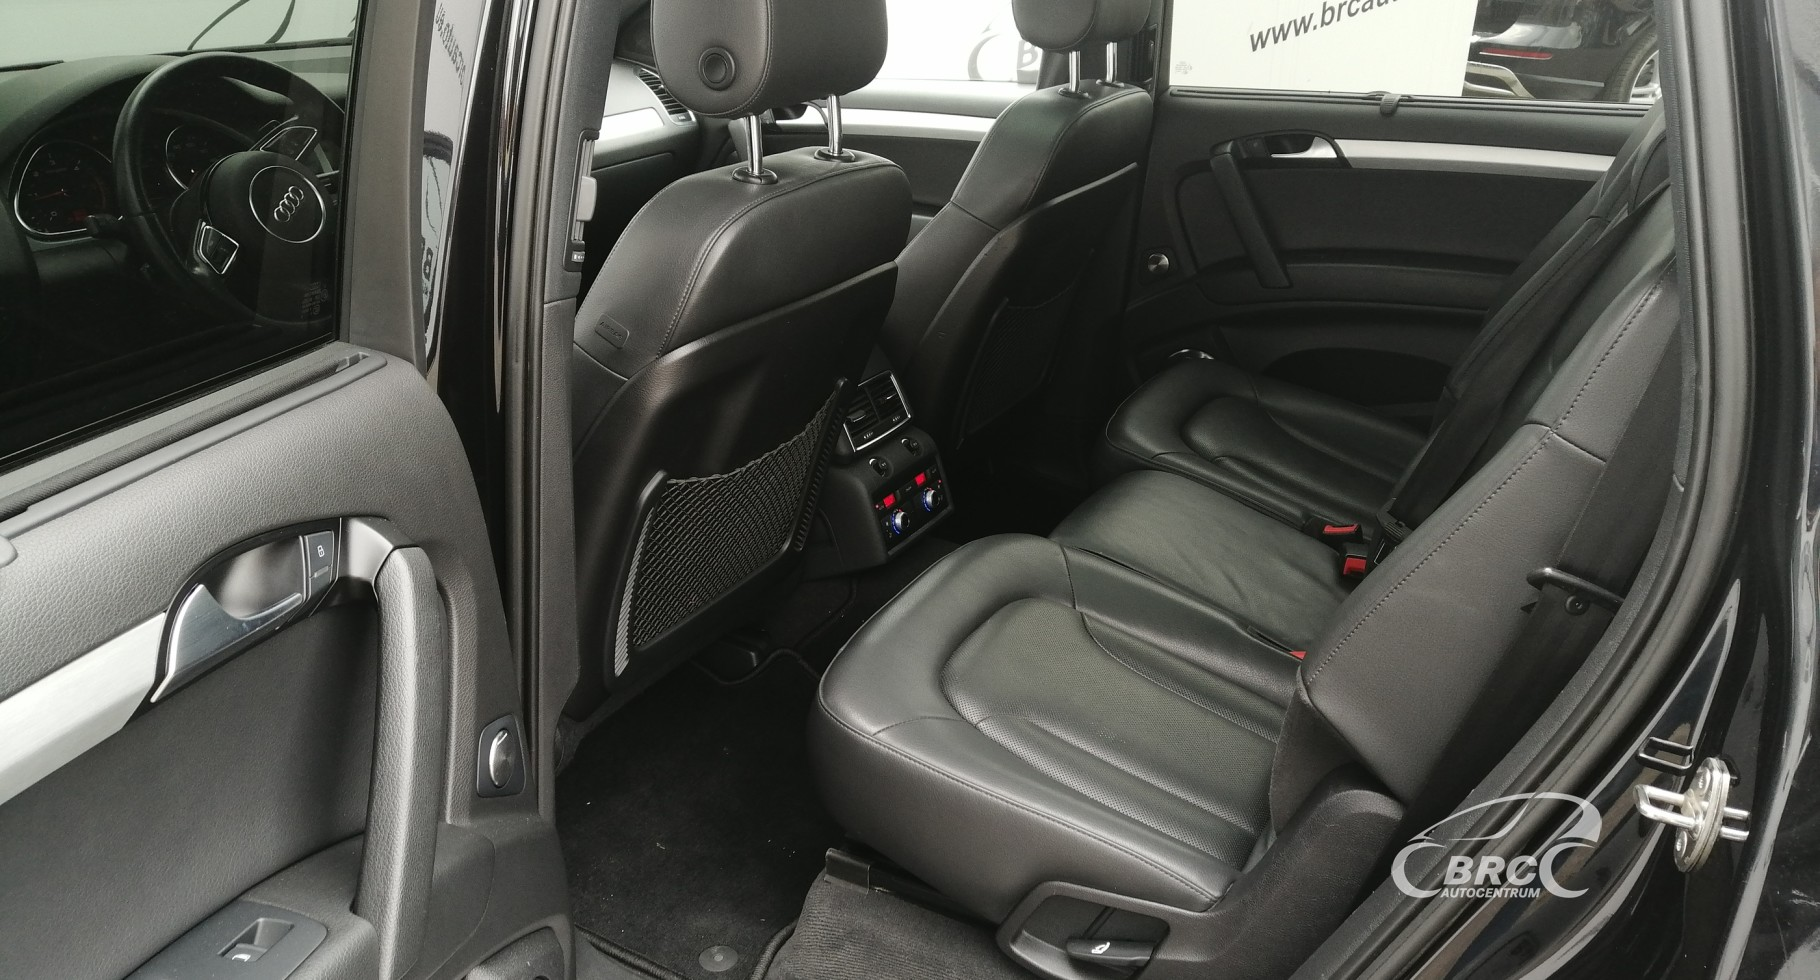 Audi Q7 3.0 TDI Quattro S-Line Automatas